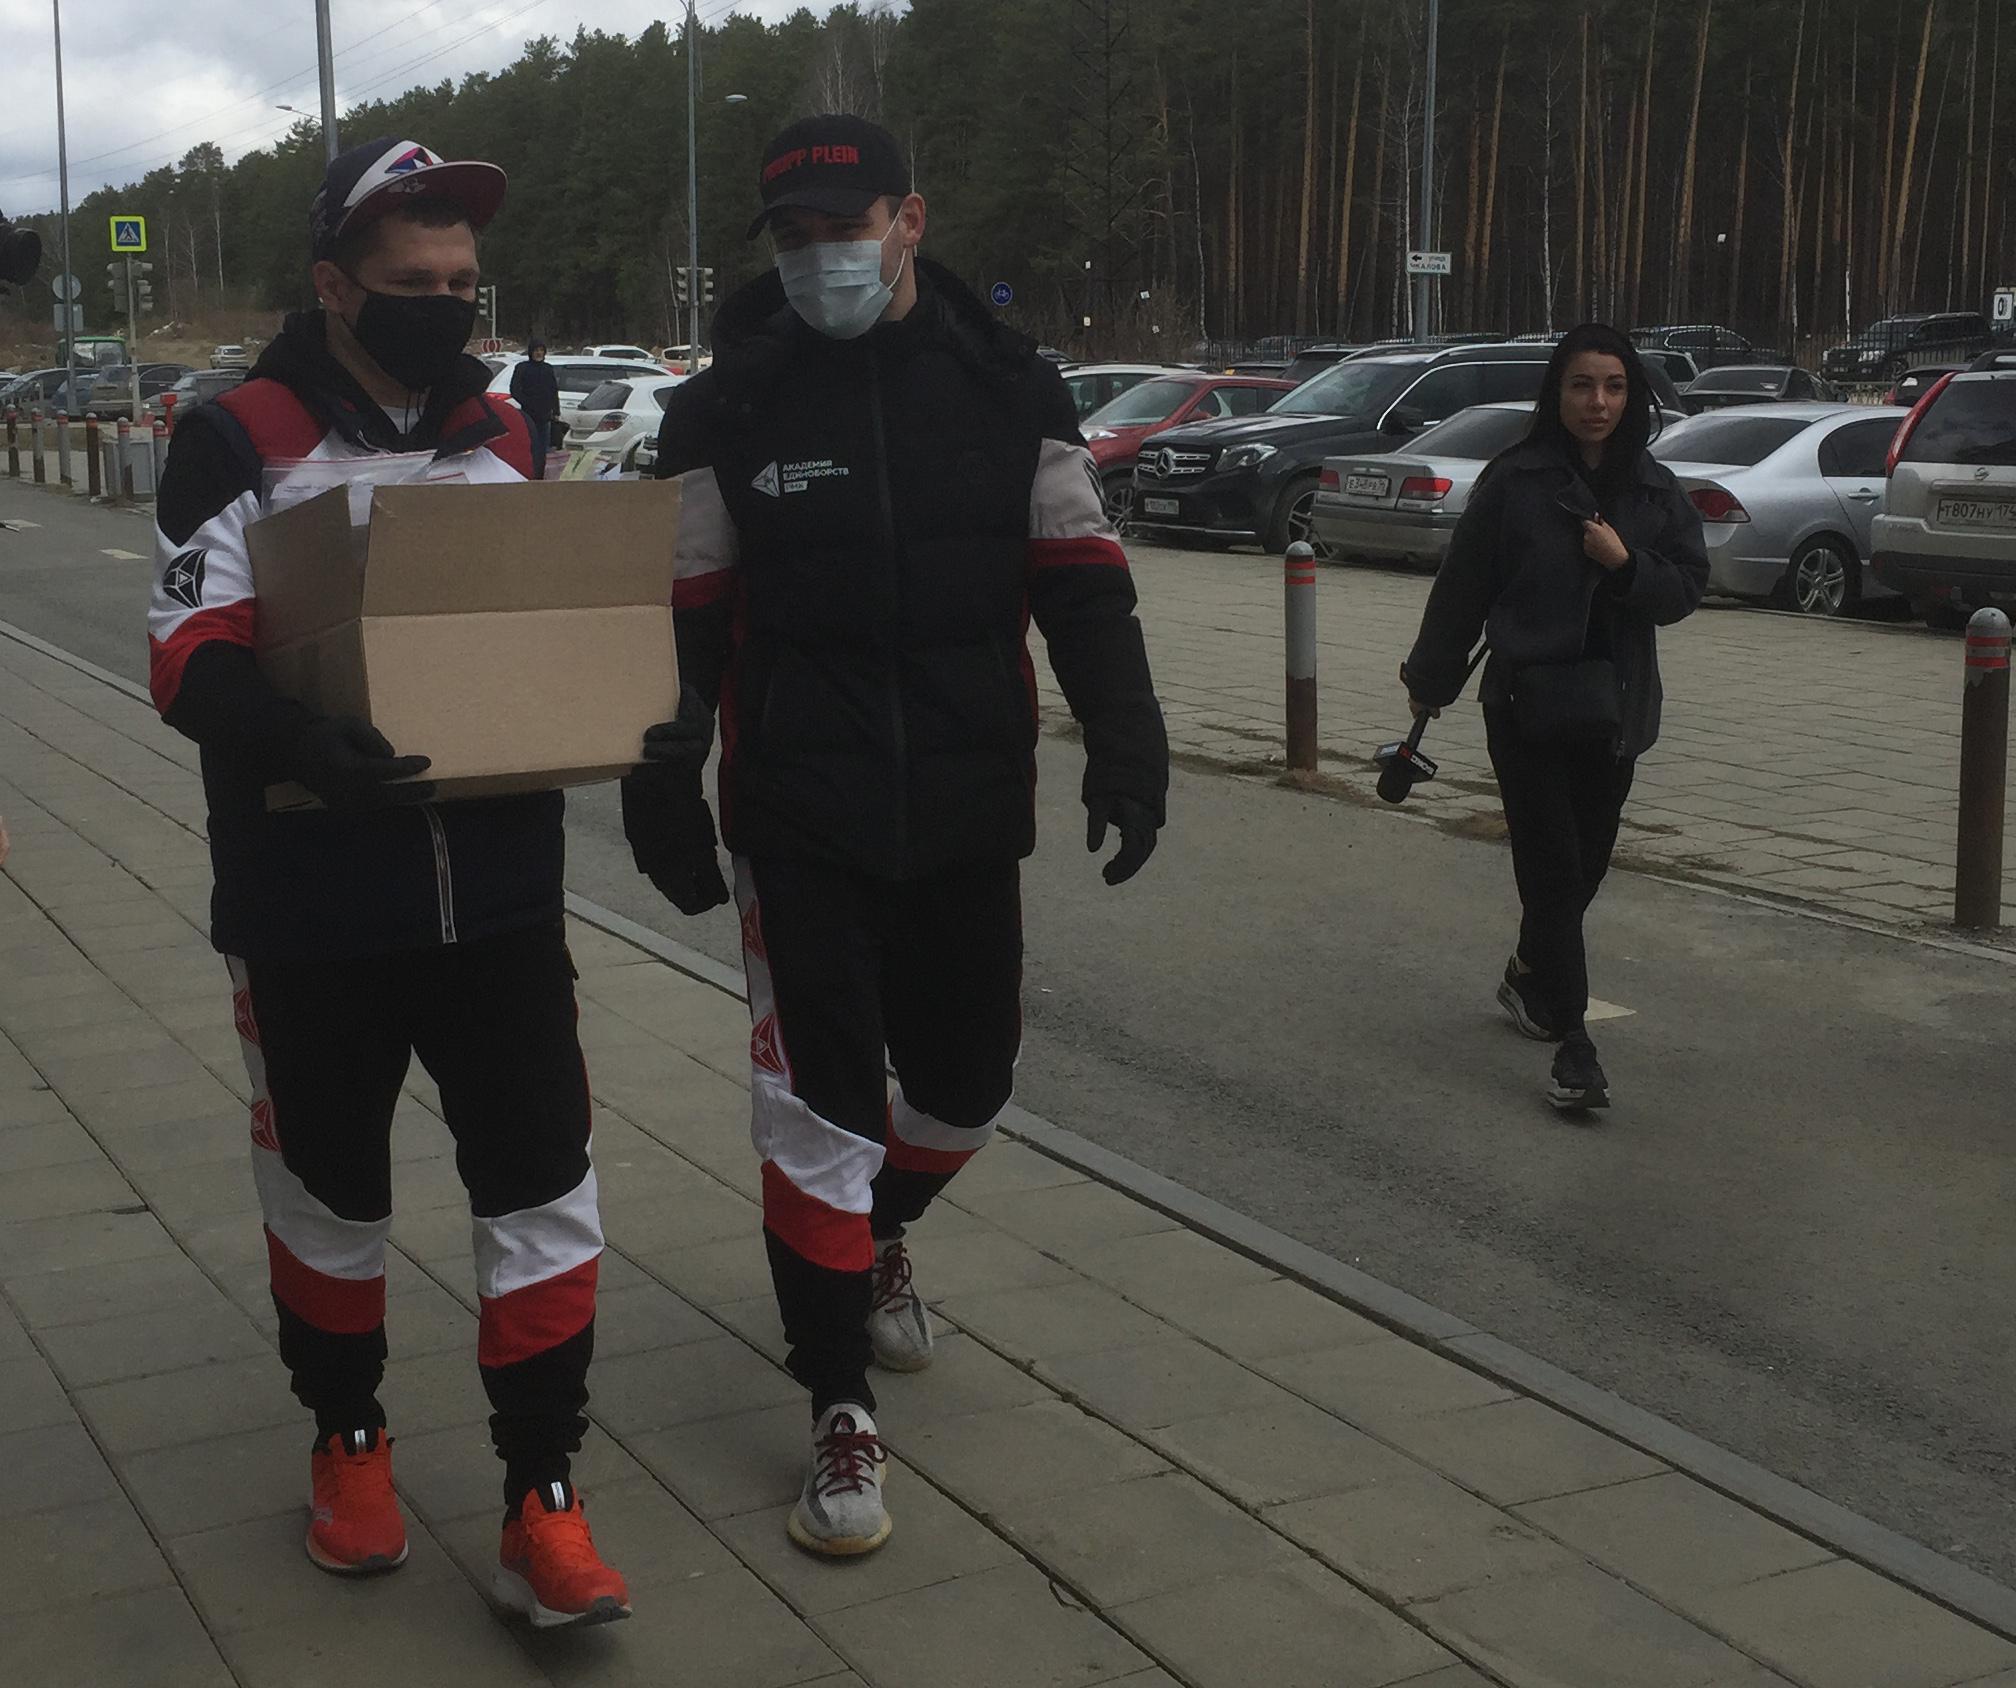 Федерация бокса России доставила в Екатеринбург и Свердловскую область очередную партию масок и антисептических средств.